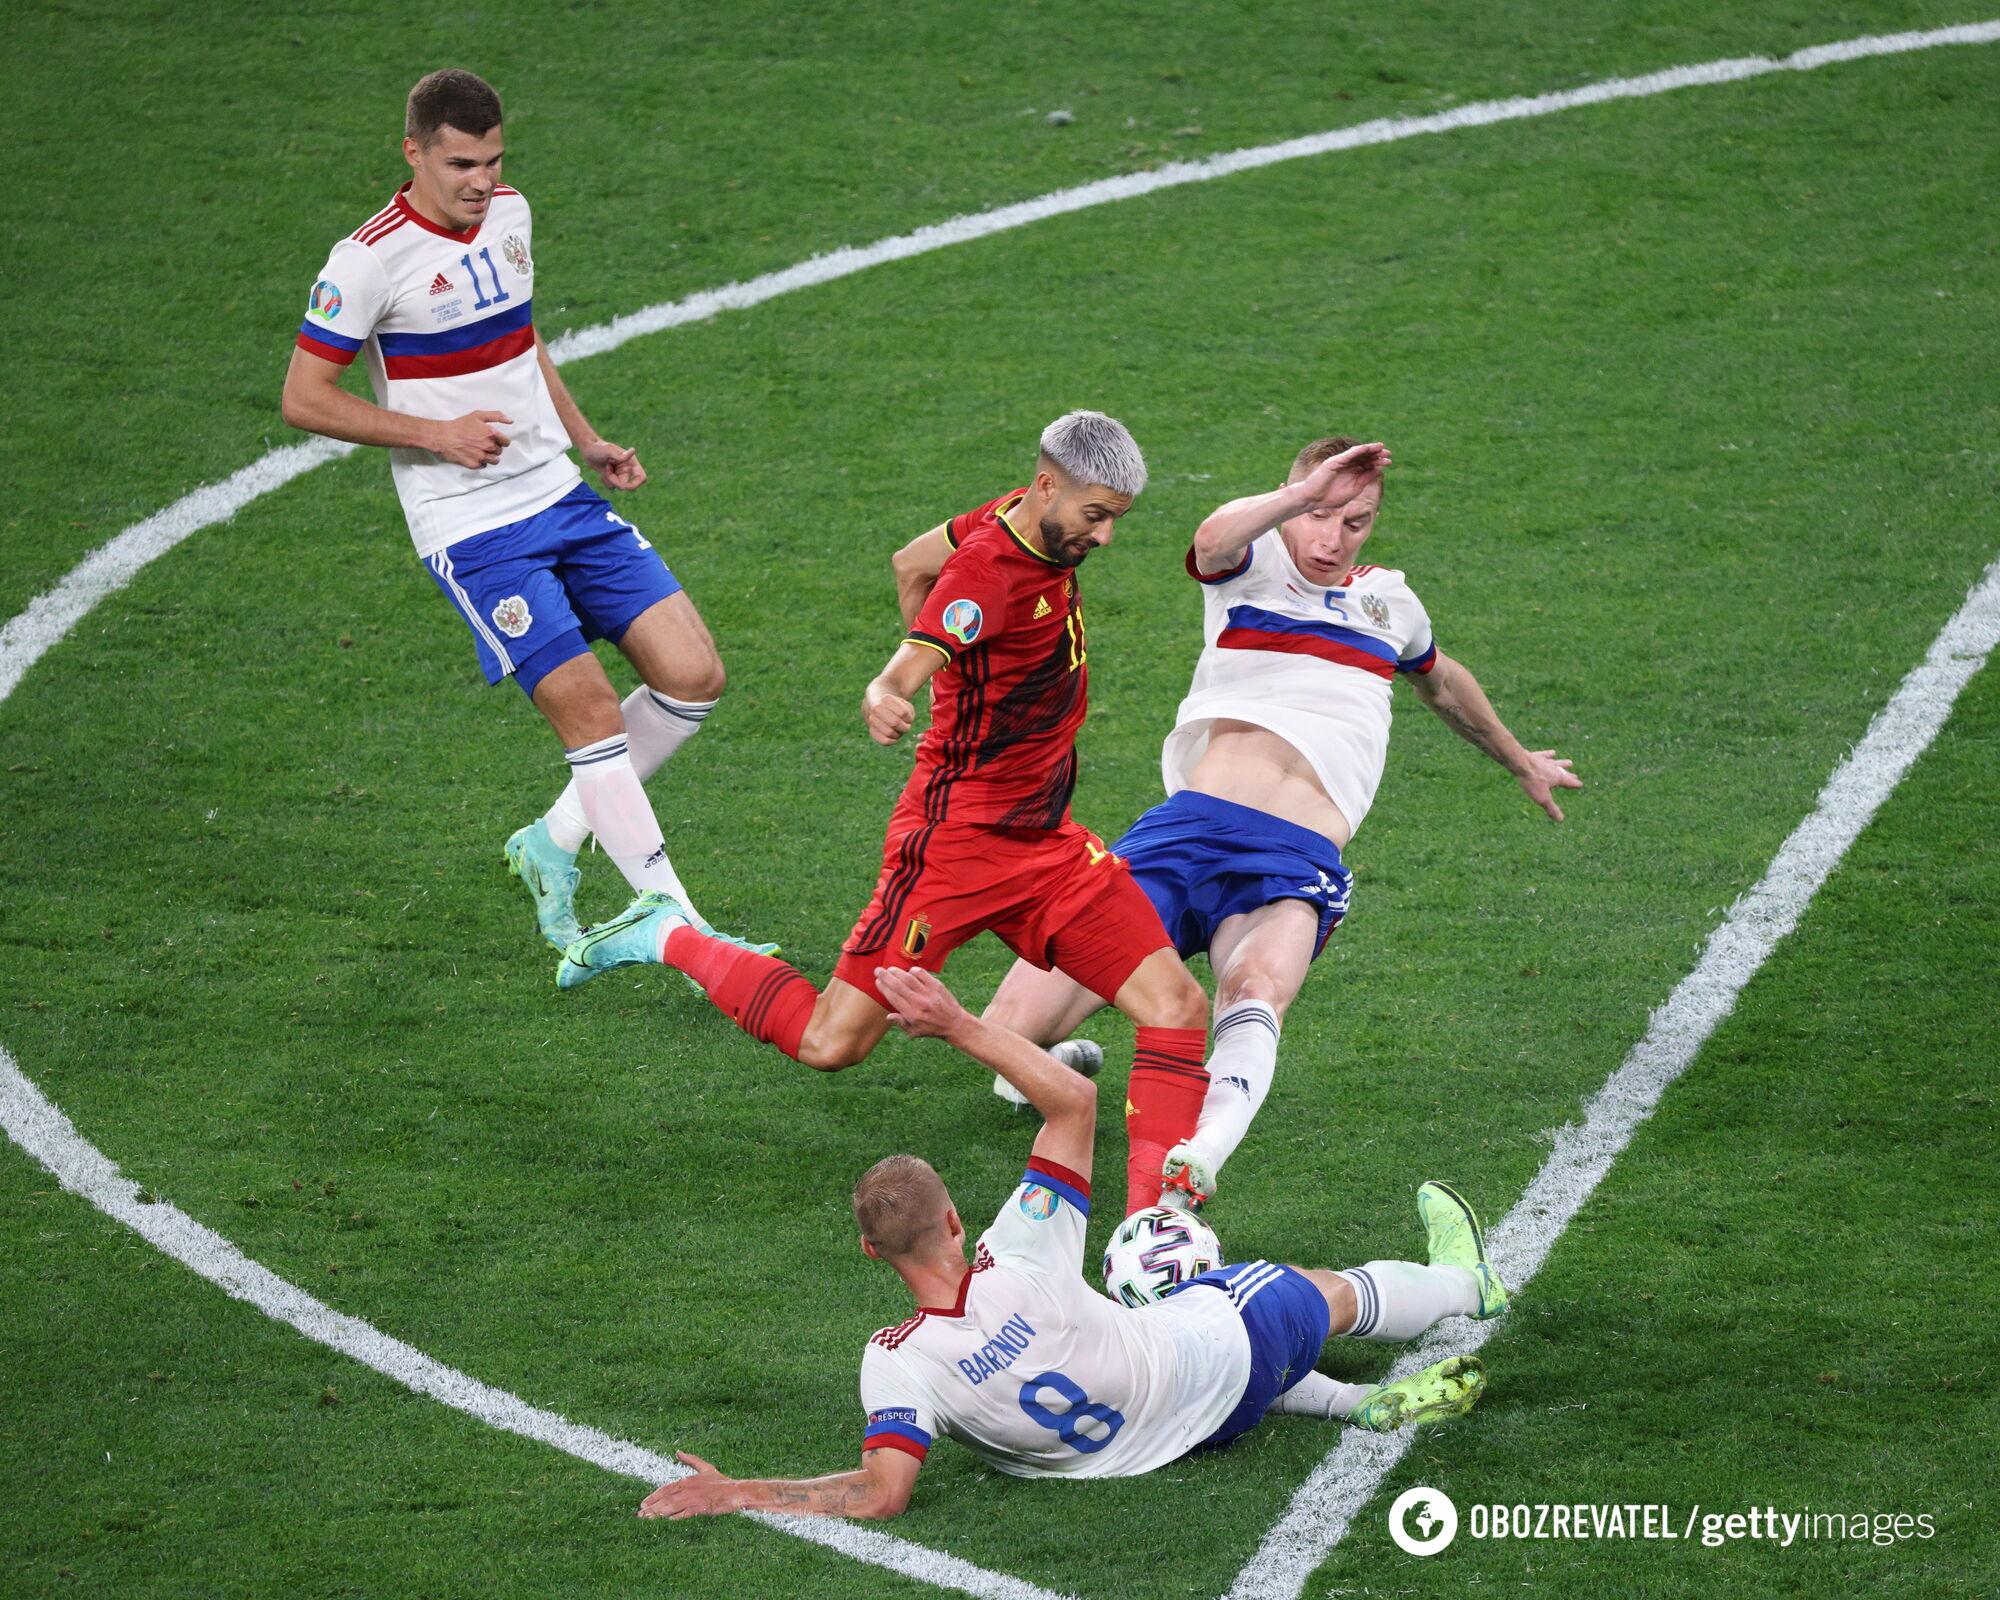 Россияне уступили бельгийцам